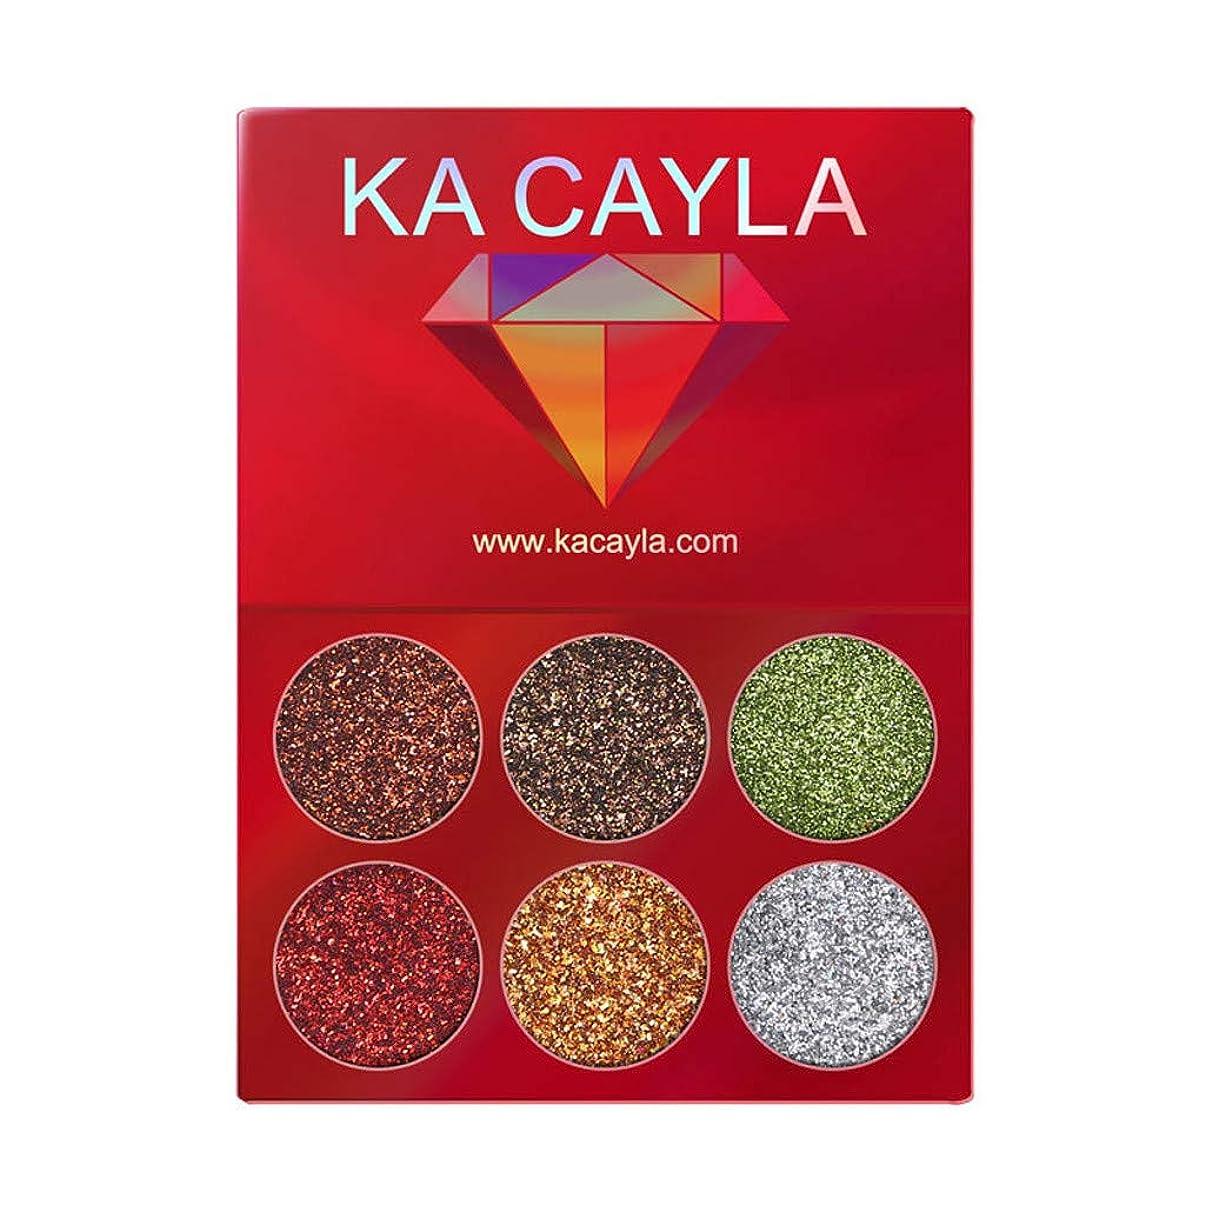 通行料金トリッキー属するKA CAYLA化粧アイシャドウアイシャドウパレット化粧品セットアイシャドウ6色